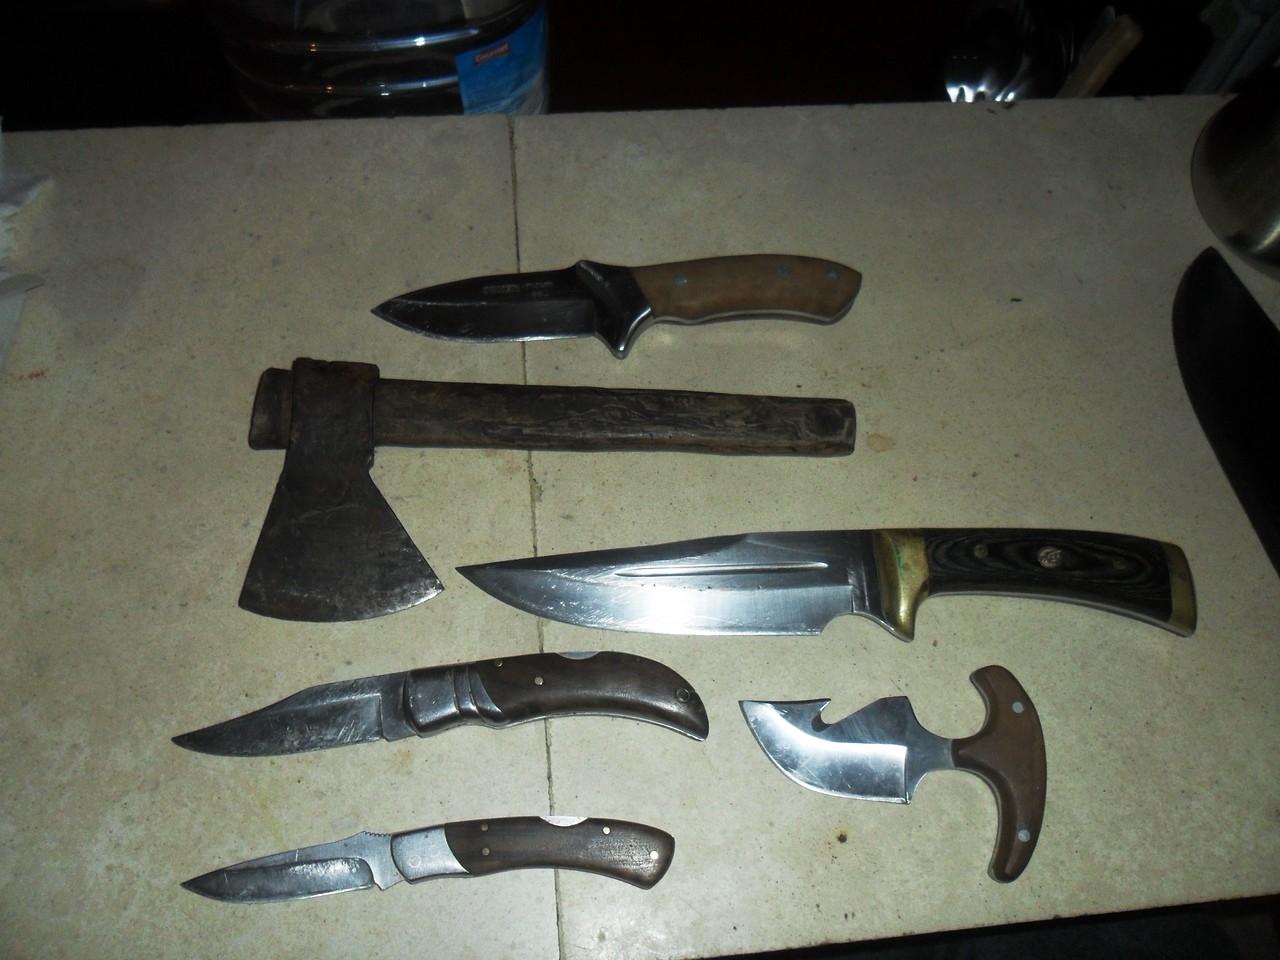 Foro armas blancas cuchillos navajas y m s una de for Colecciones omnia